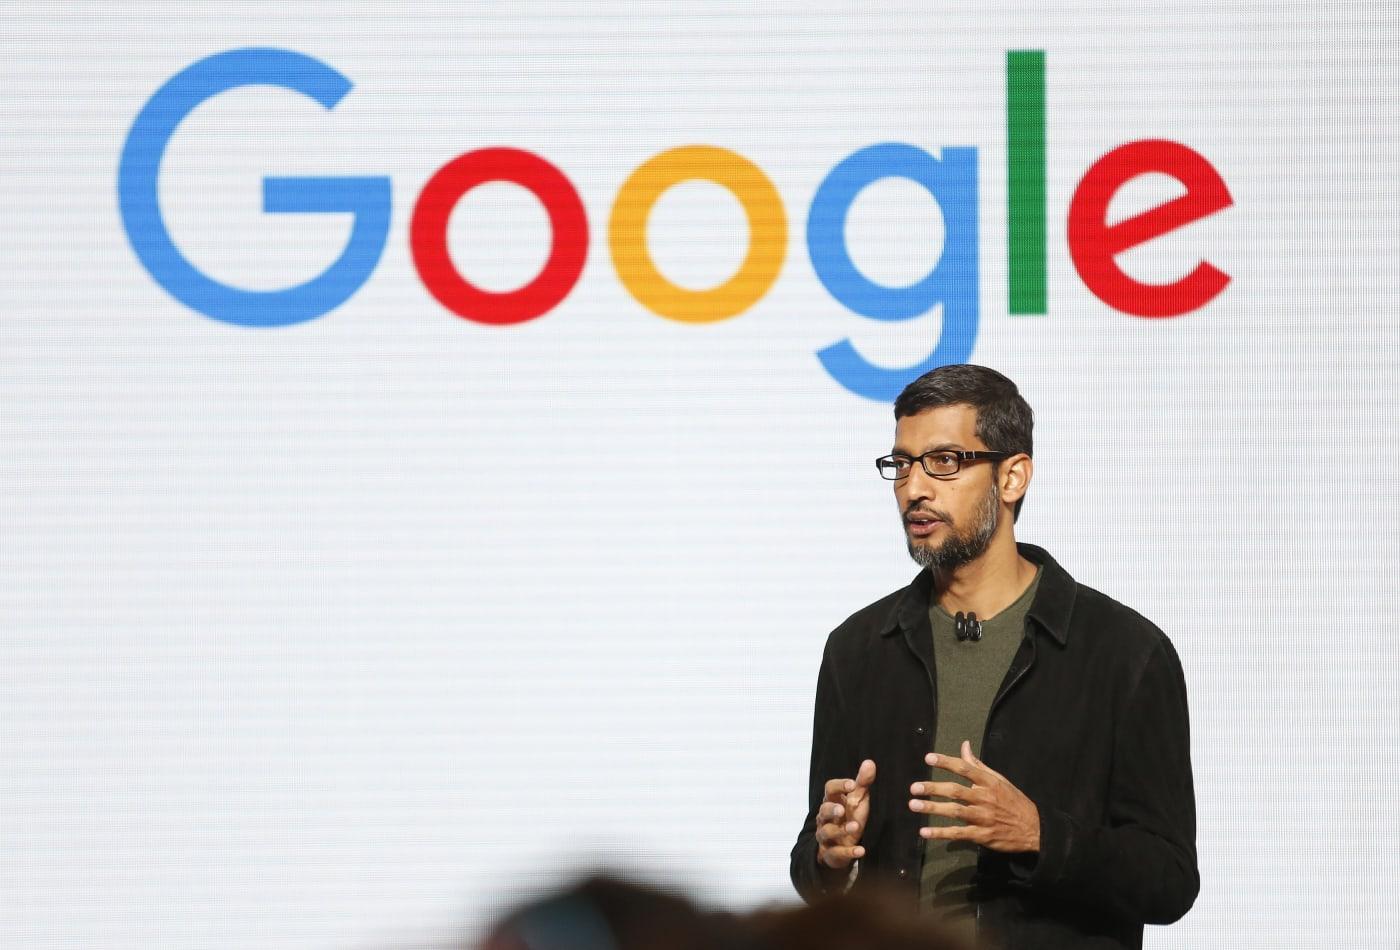 Google планирует за 2 года инвестировать в Европу 3 миллиарда евро